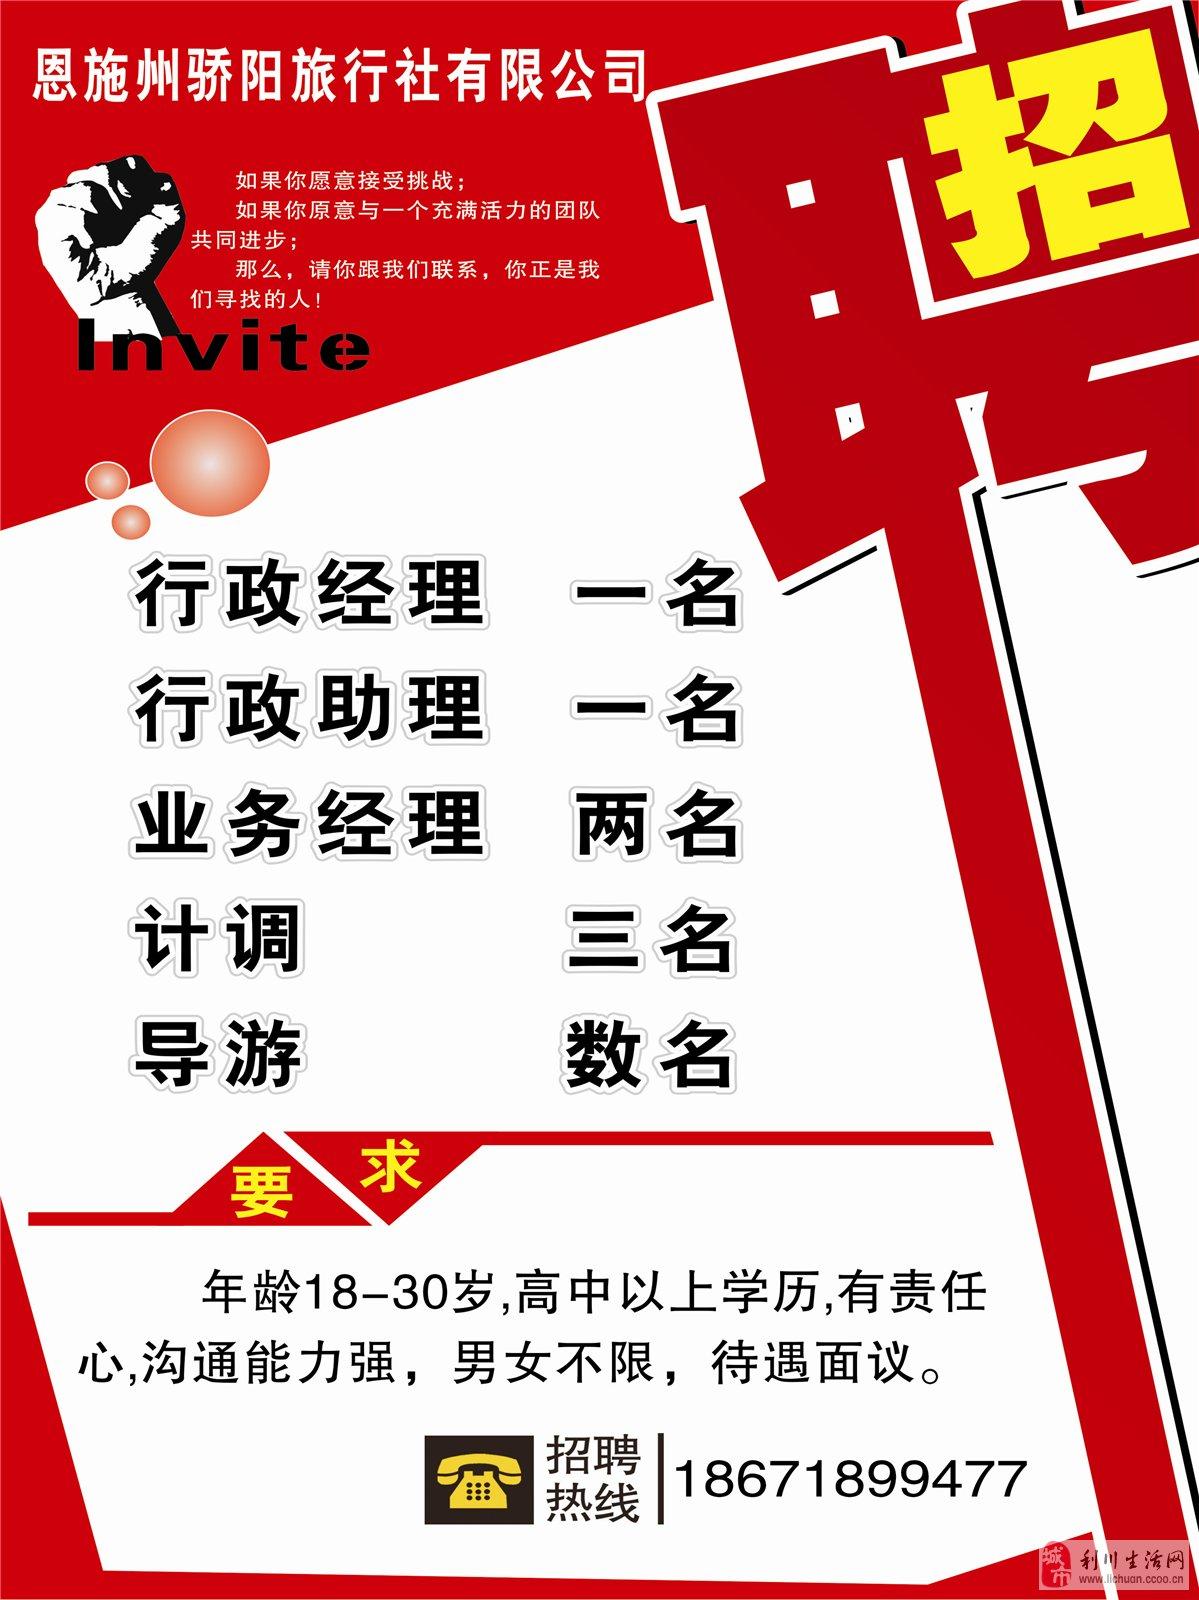 生活网招聘_骄阳旅行社招聘导游若干名,行政助理,业务经理各一名